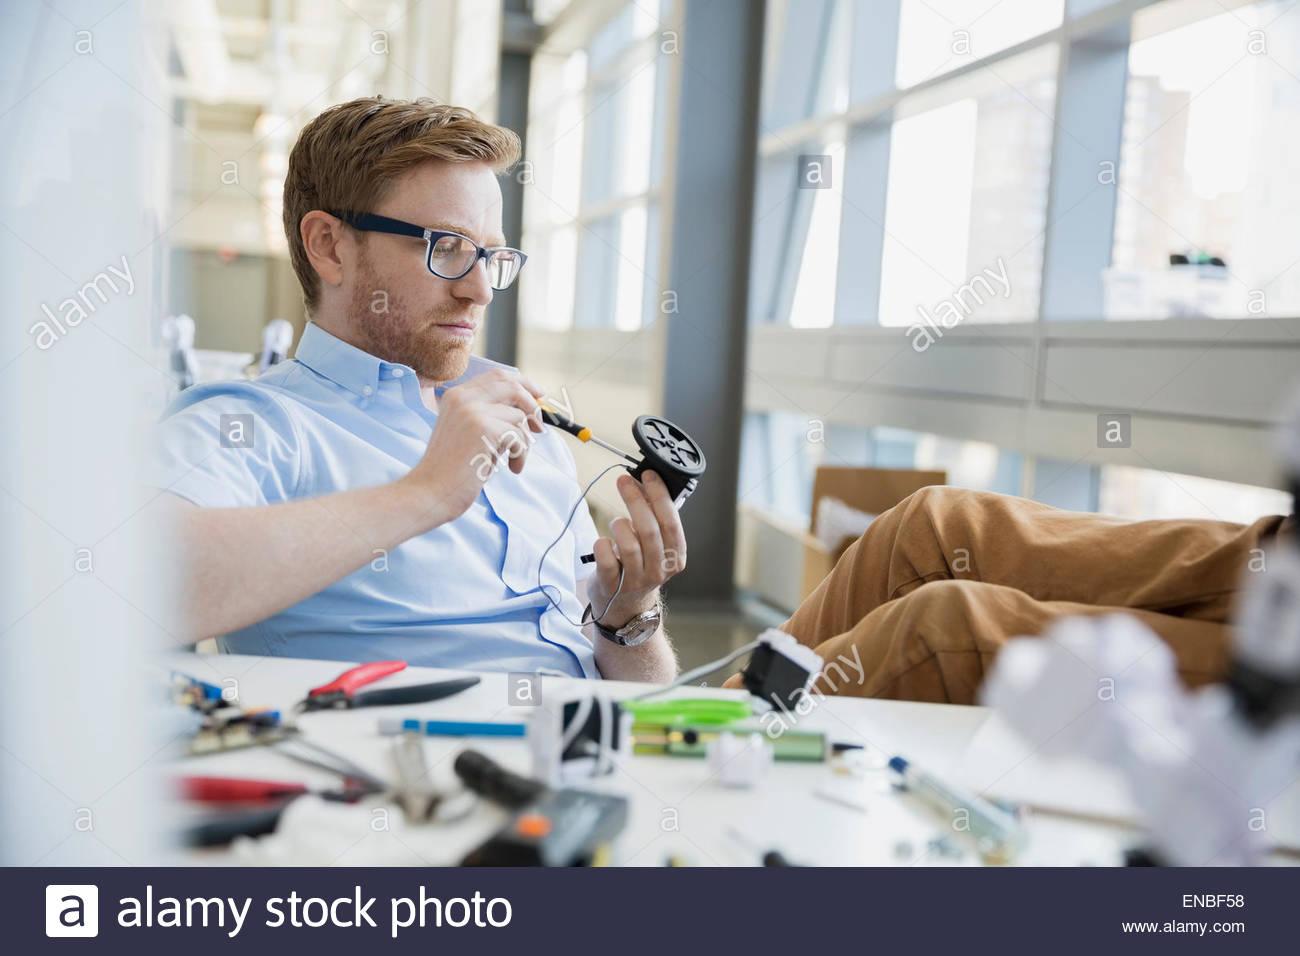 Ingegnere di robotica di montaggio a scrivania con piedi Immagini Stock